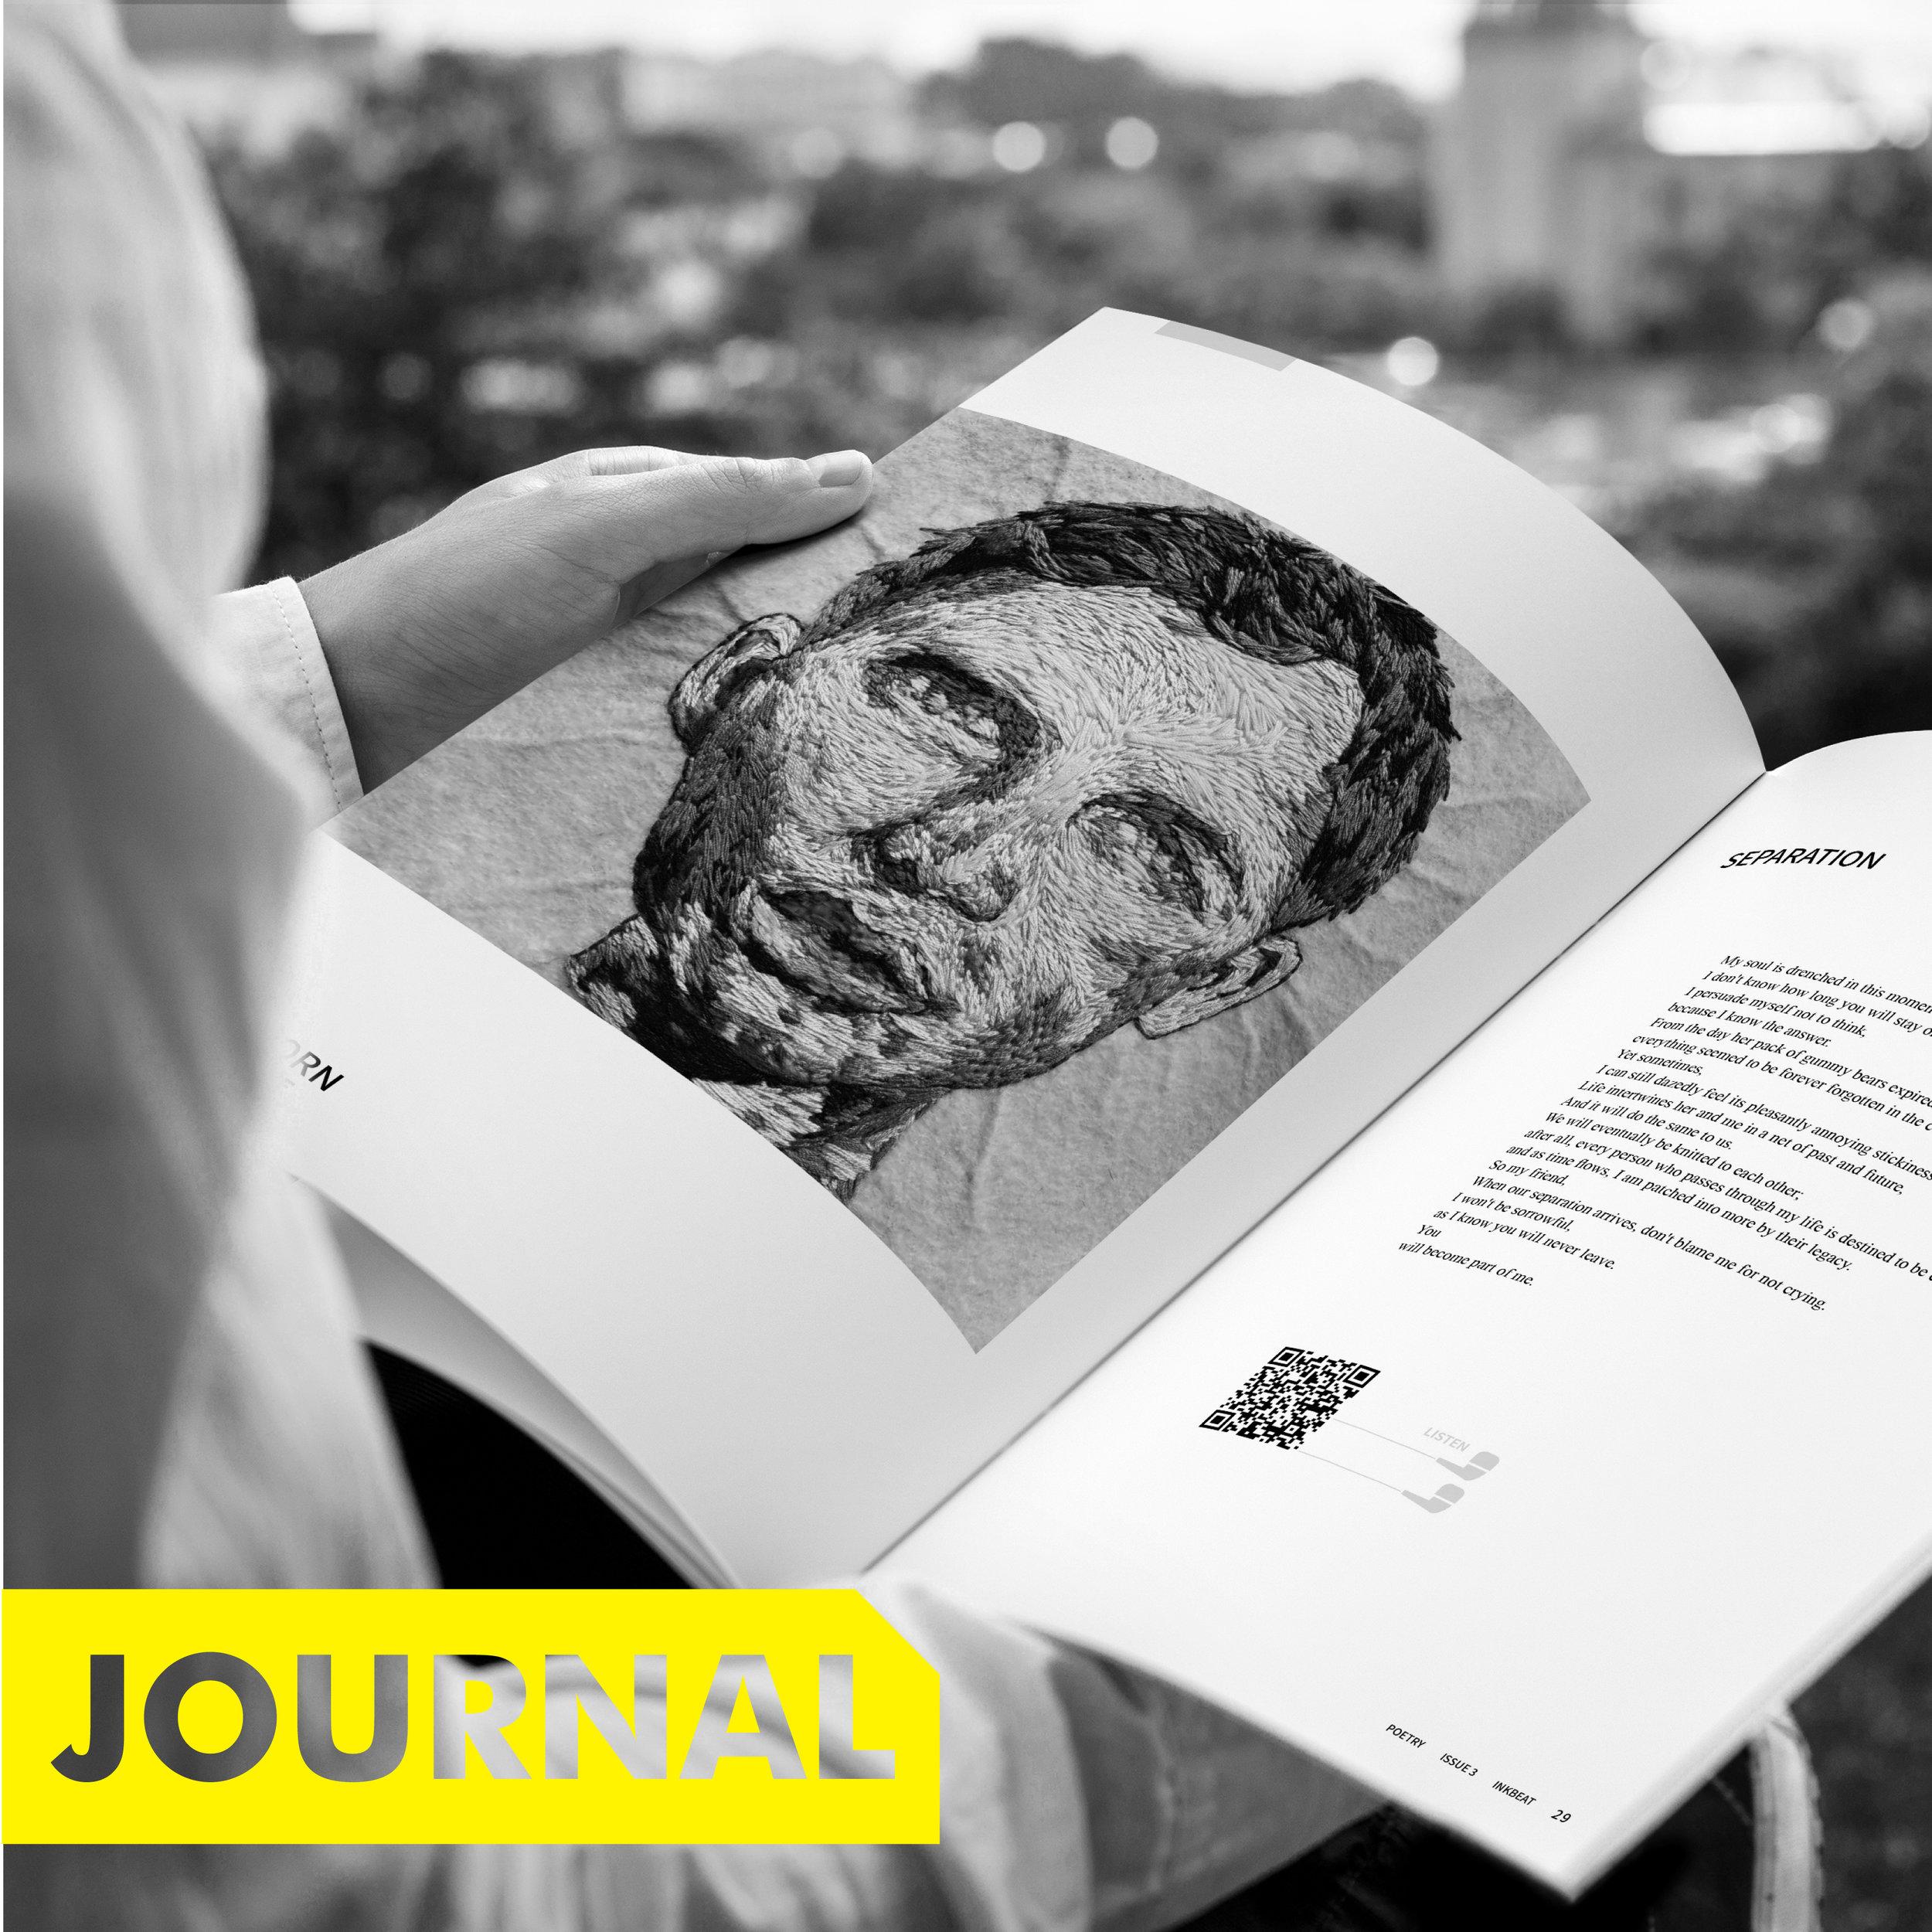 journal-02-02-02.jpg